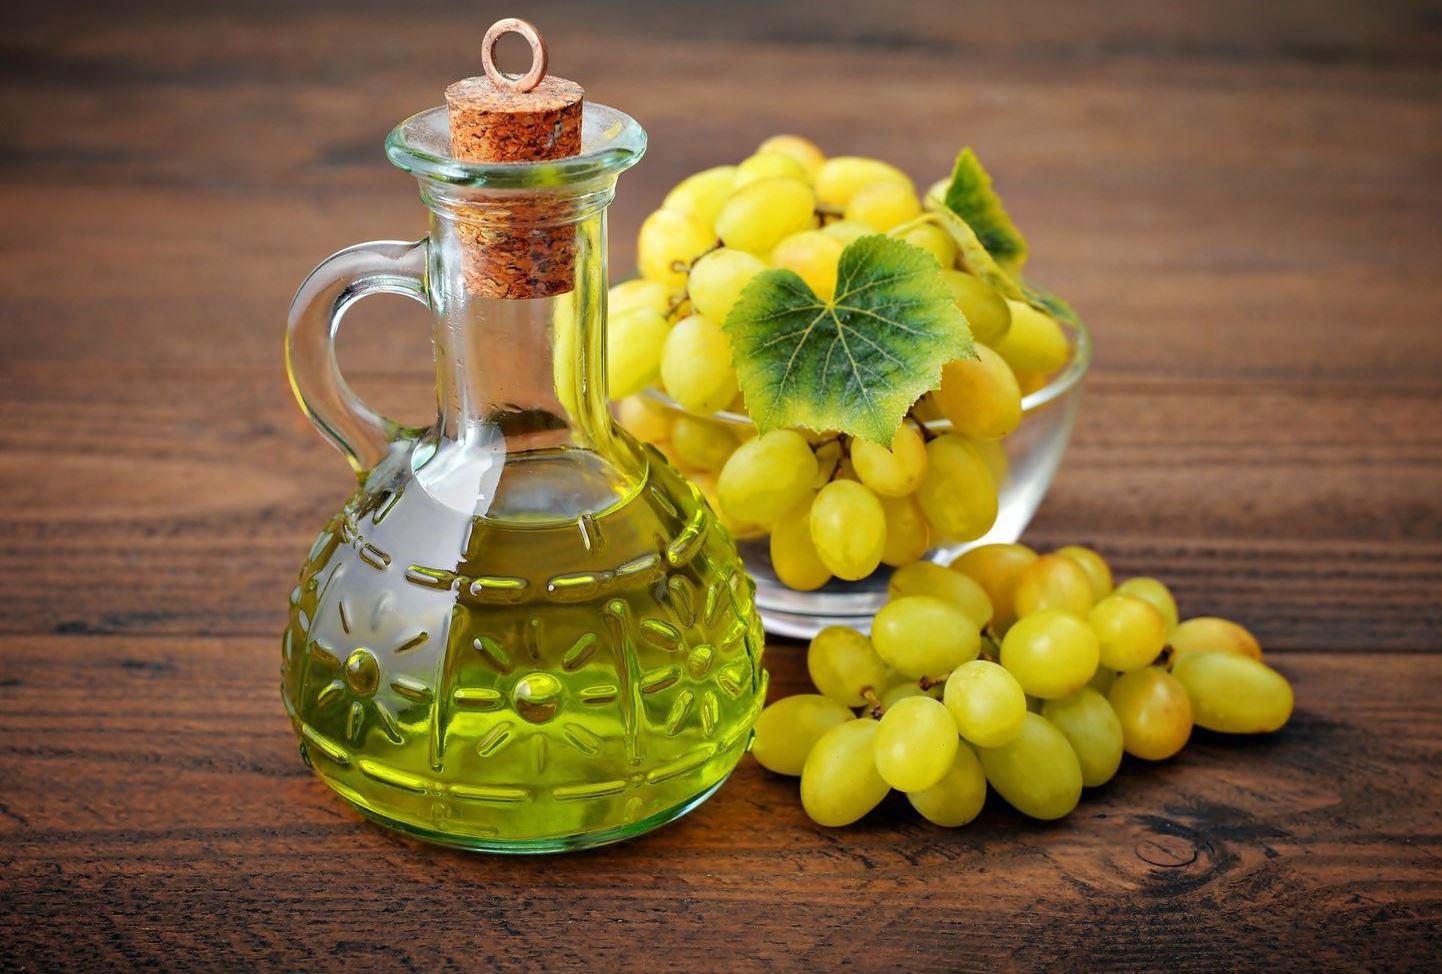 Масло виноградной косточки, содержащее ряд полезных свойств